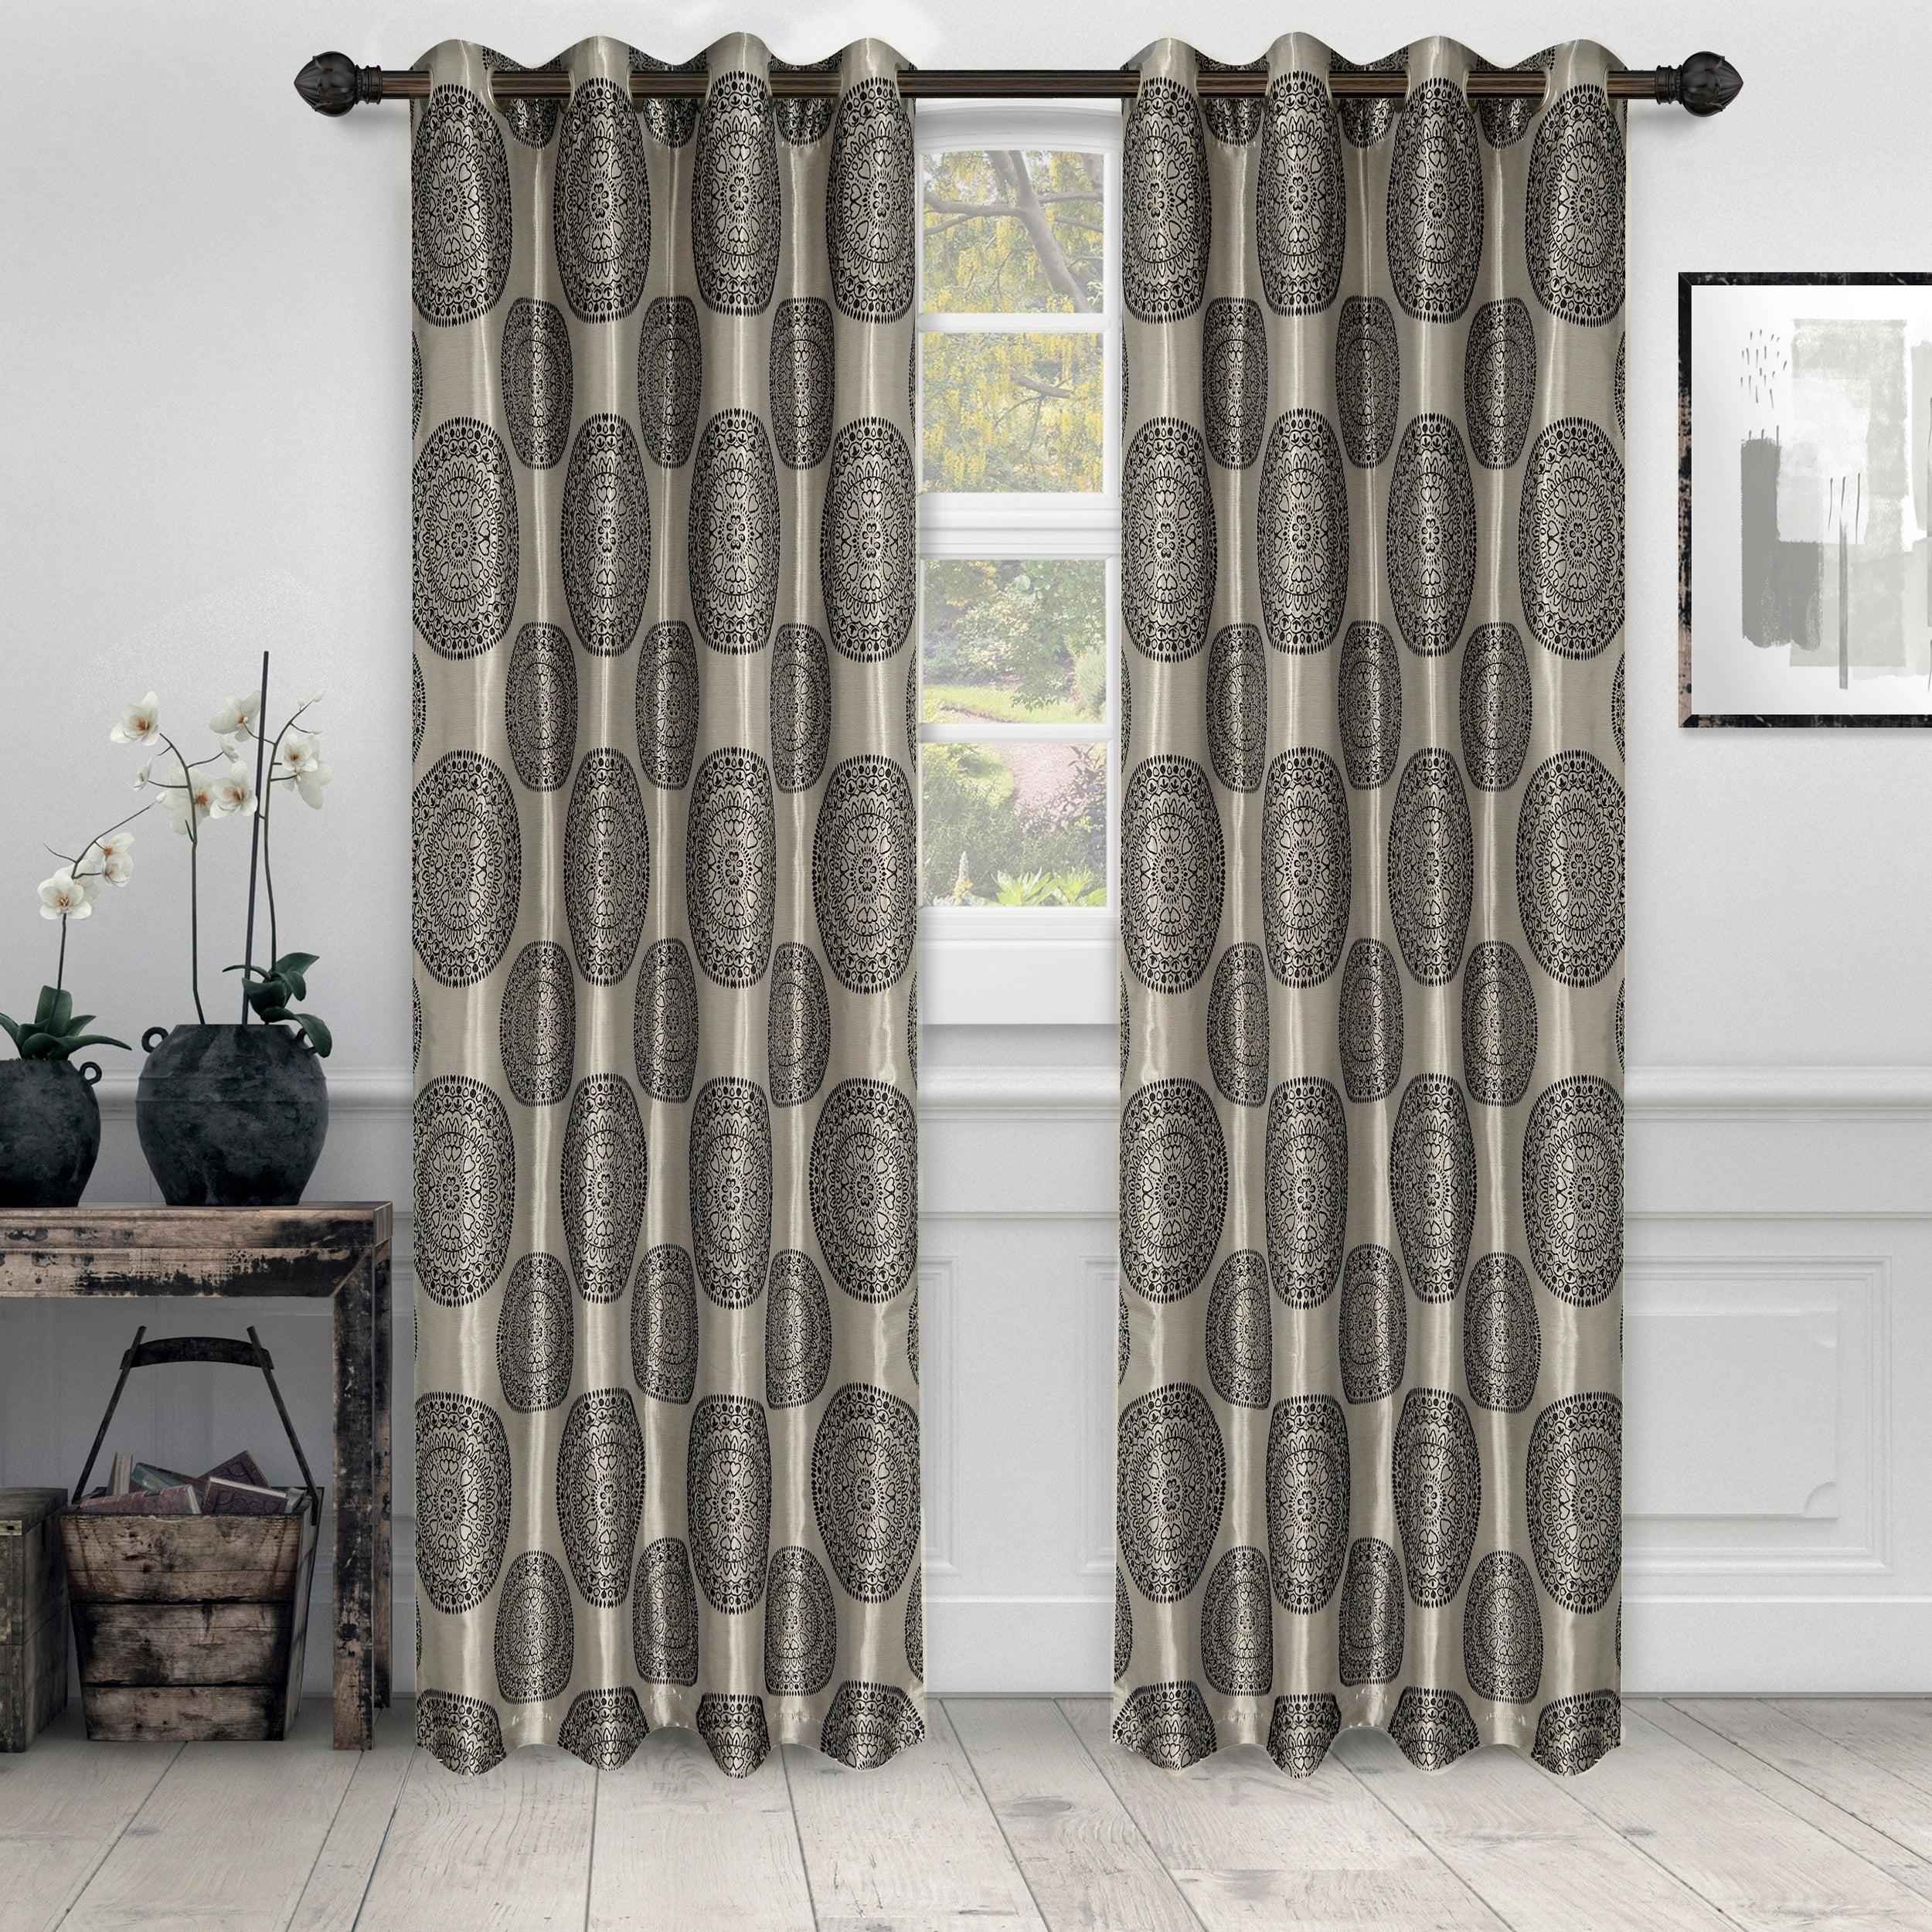 Miranda Haus Elegant Marmore Jacquard Grommet Curtain Panel (set Of 2) With Miranda Haus Labrea Damask Jacquard Grommet Curtain Panels (View 15 of 20)